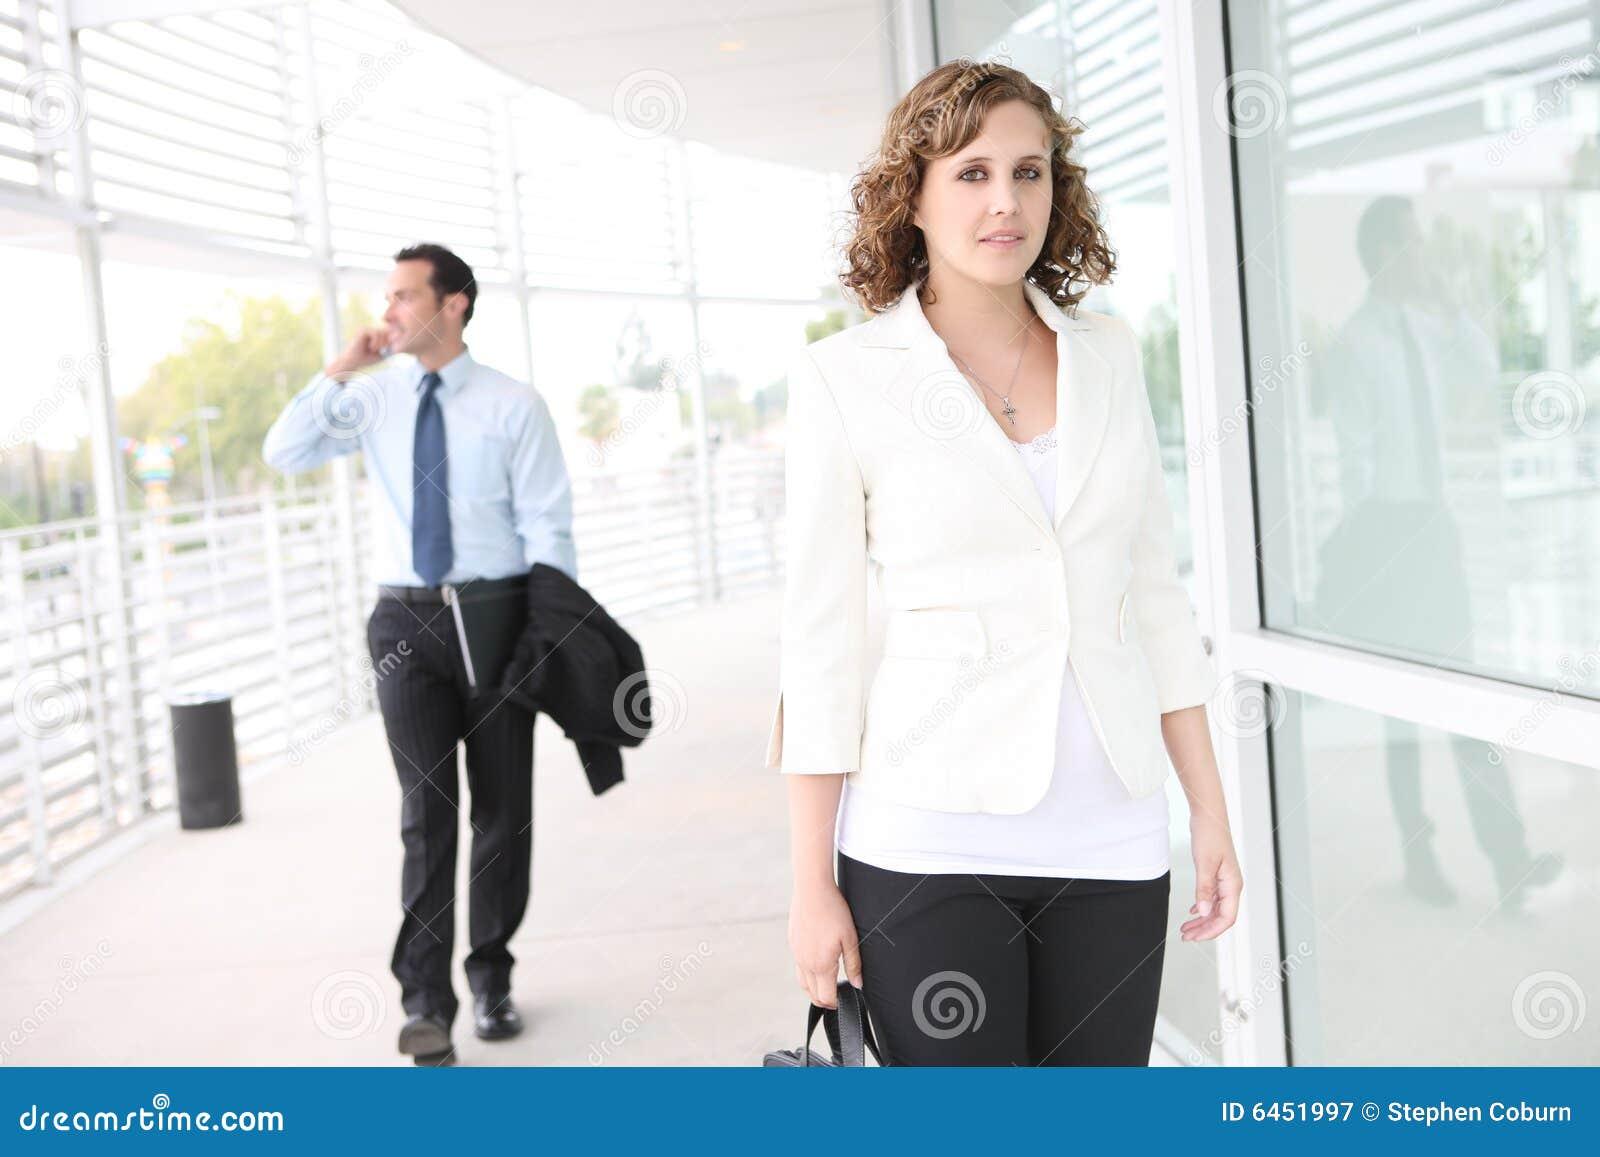 Biuro biznesowego pretty woman